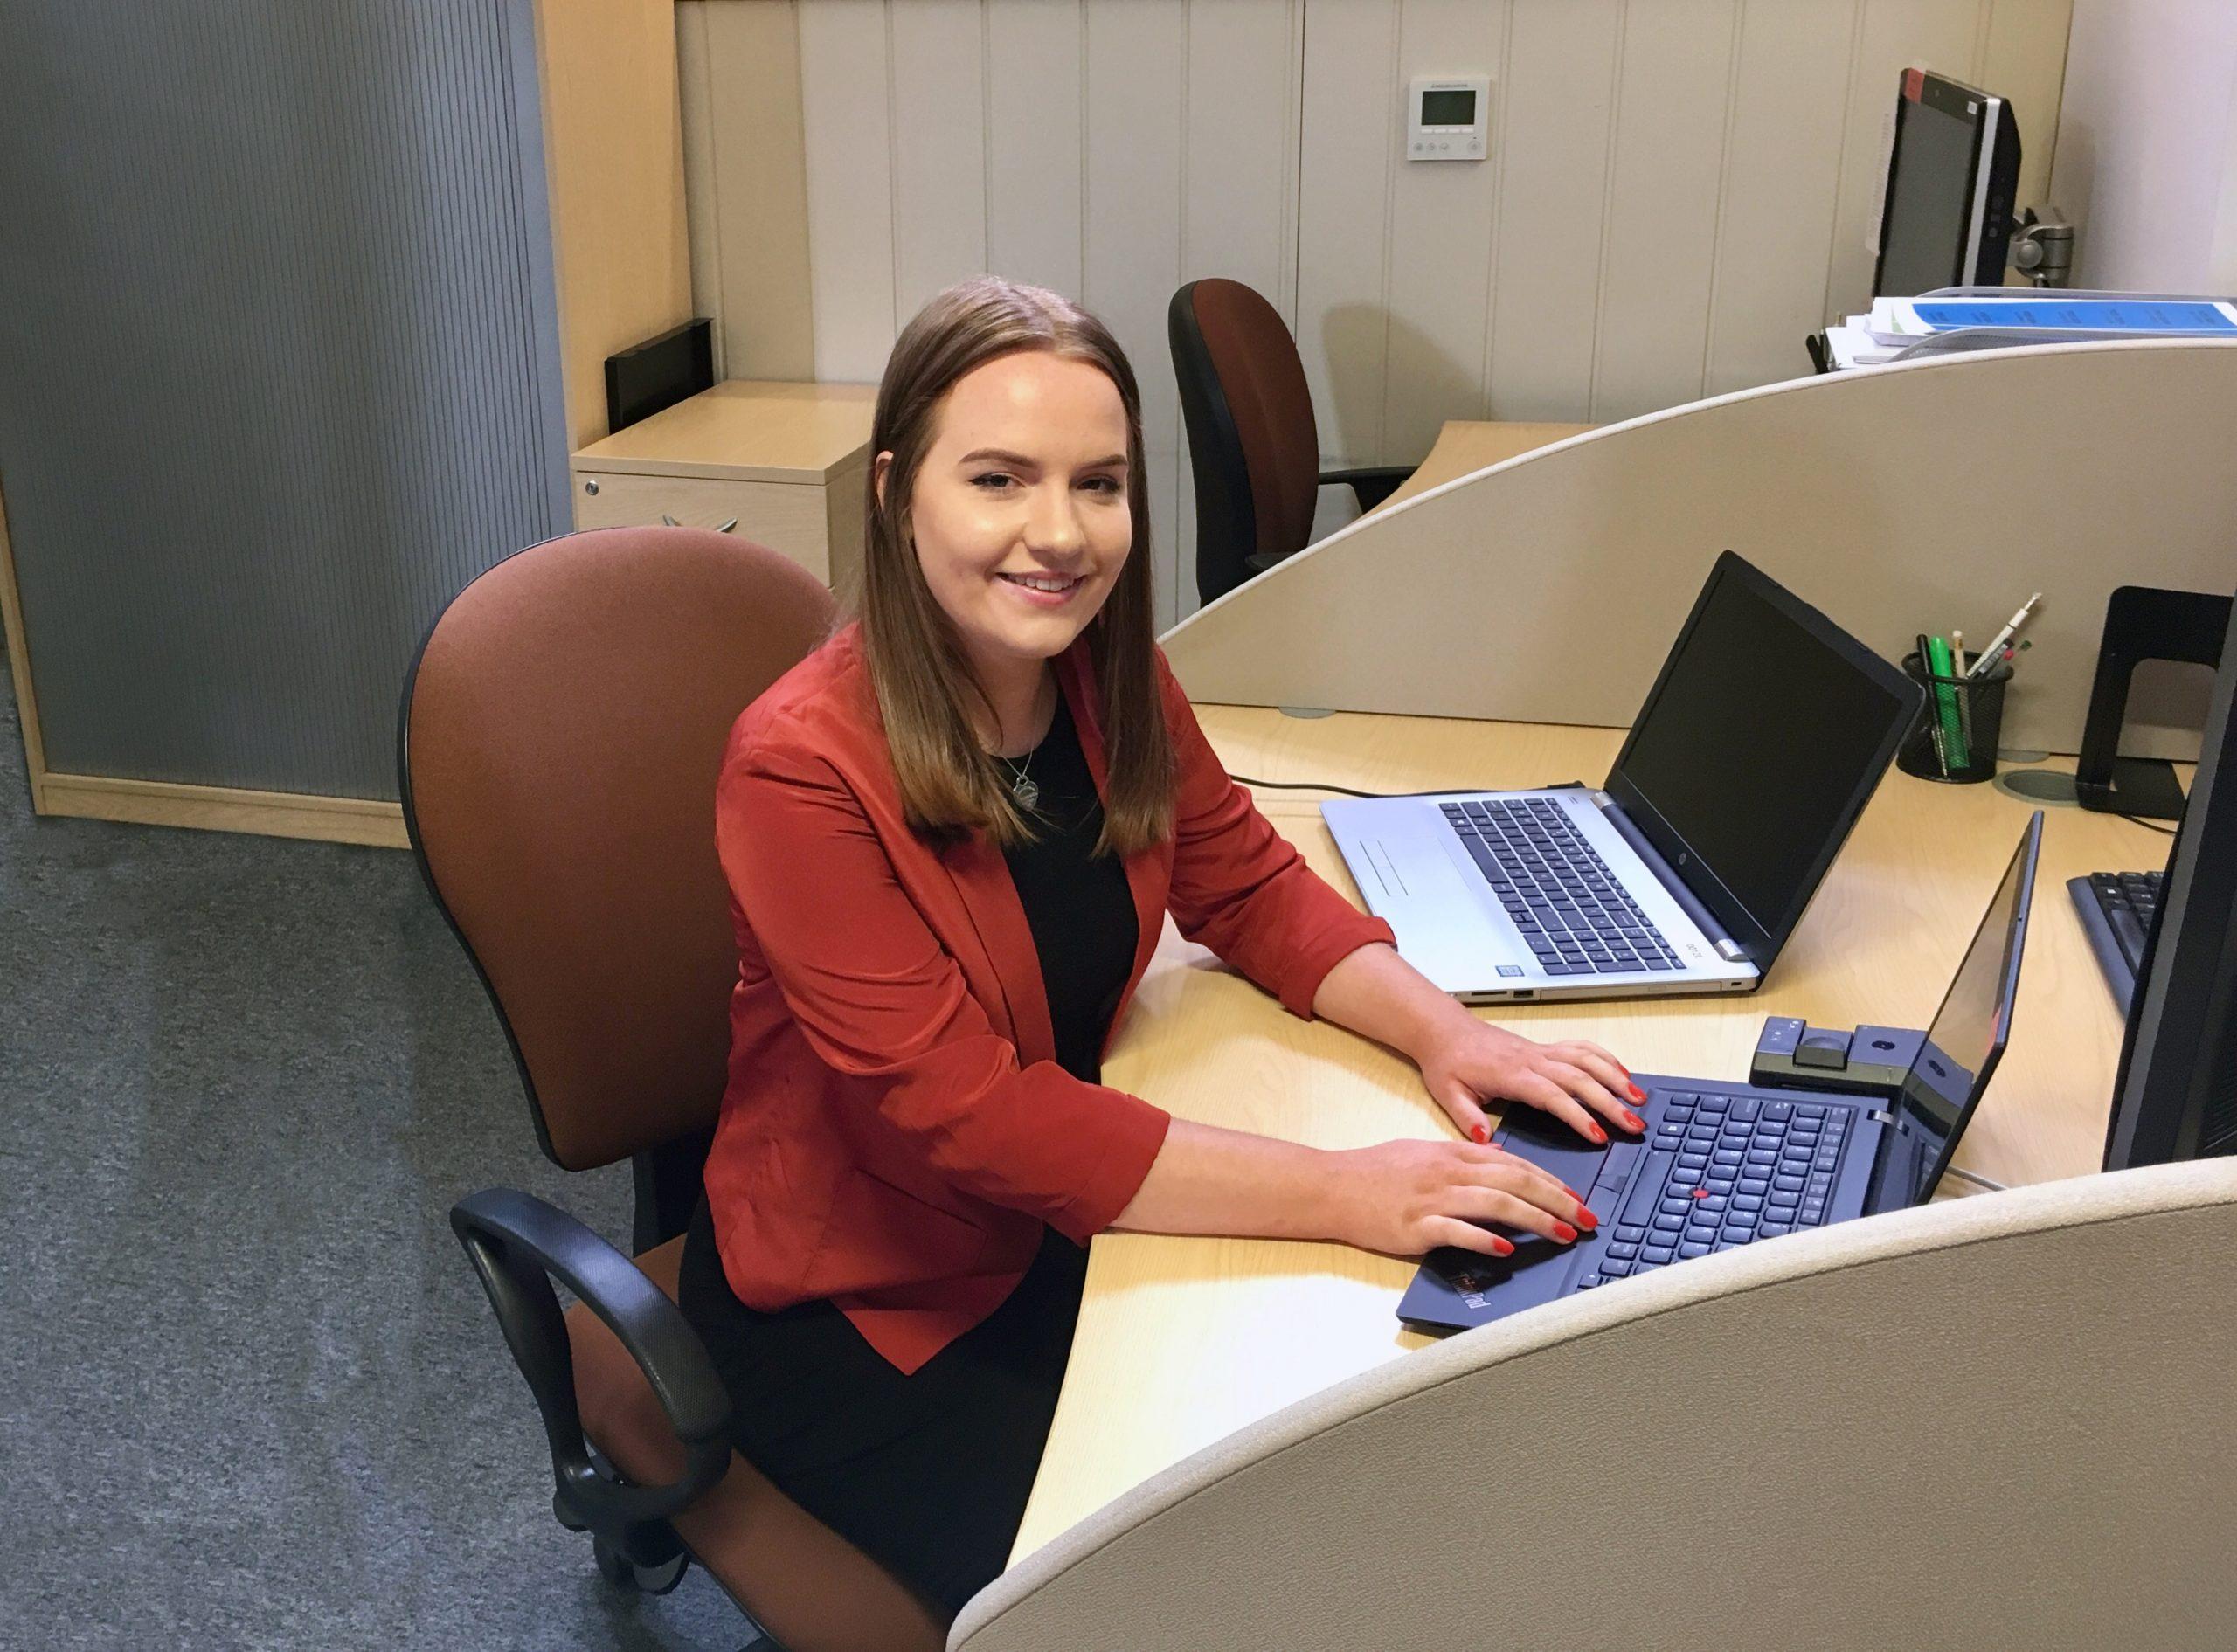 Natalie at her desk